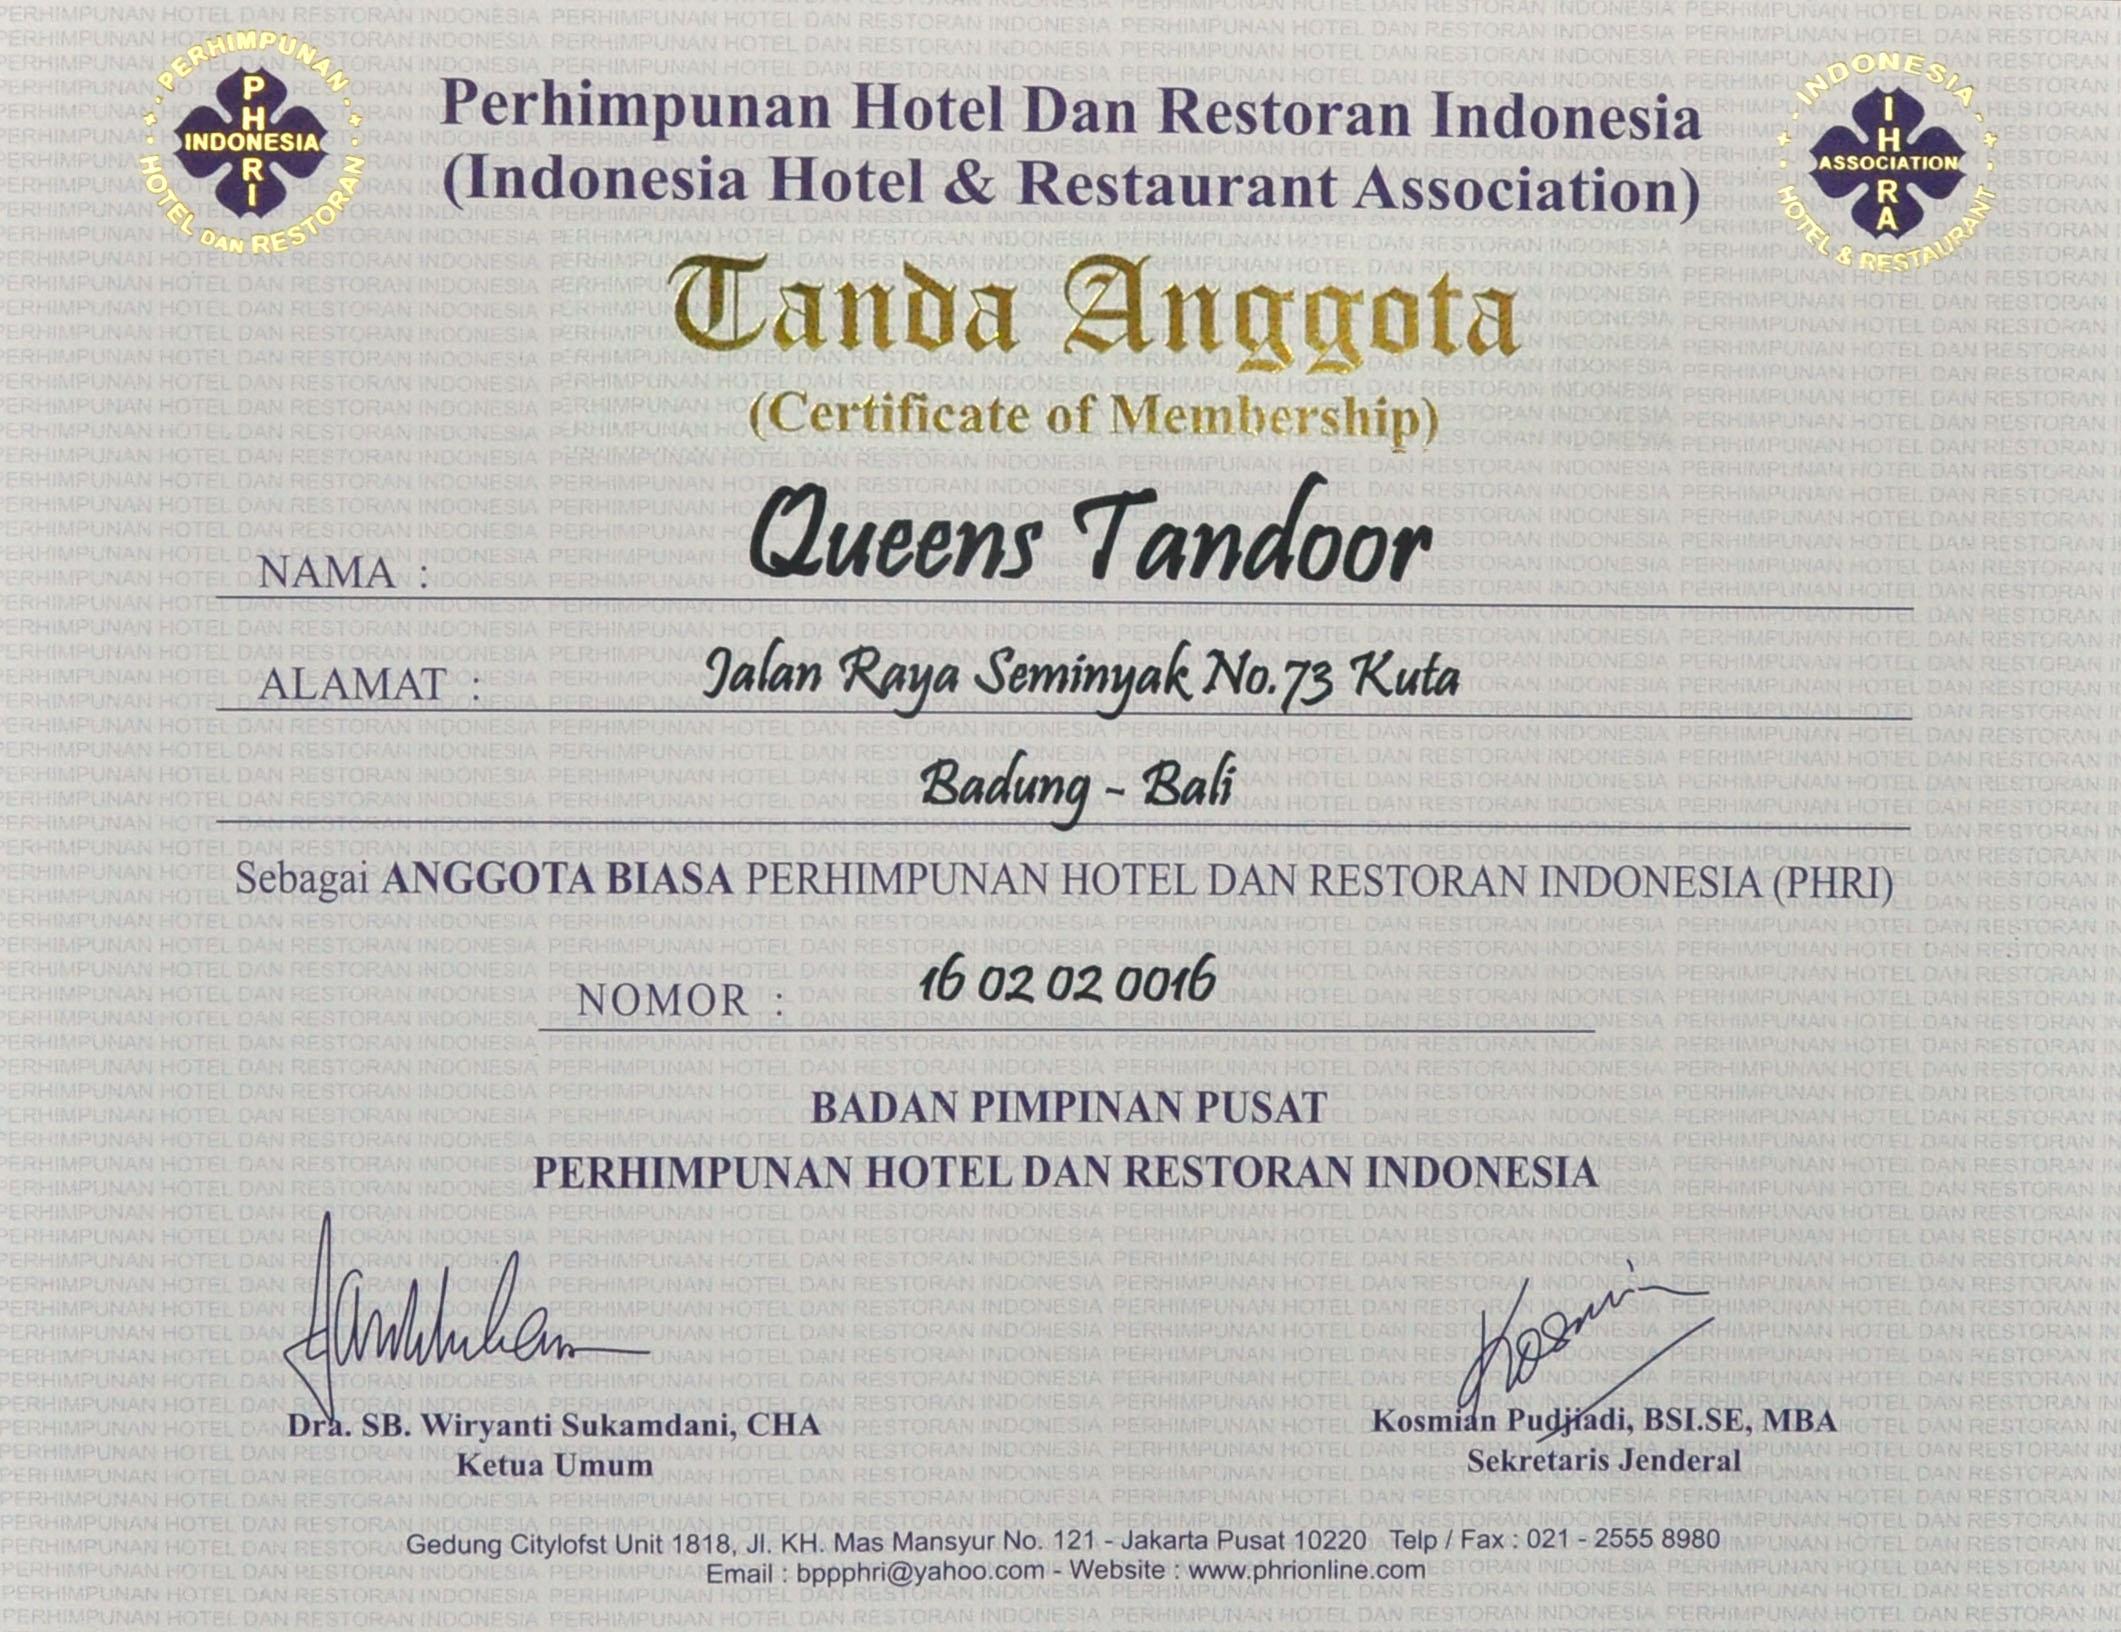 Certificate fo Memberhip Queens Tandoor from PHRI 2015